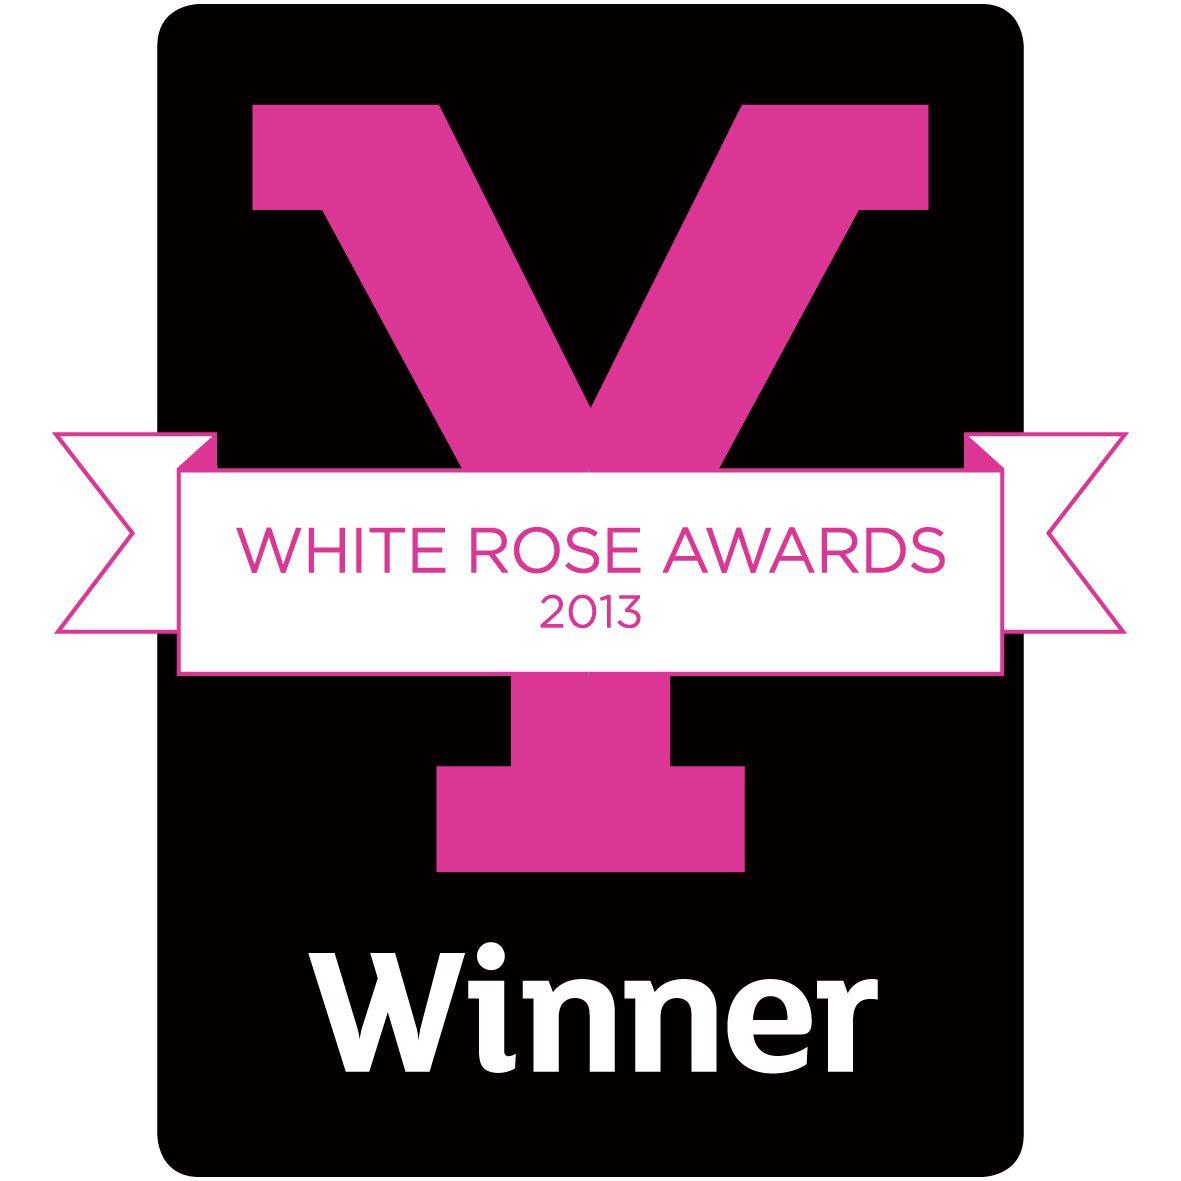 White Rose Award Winner